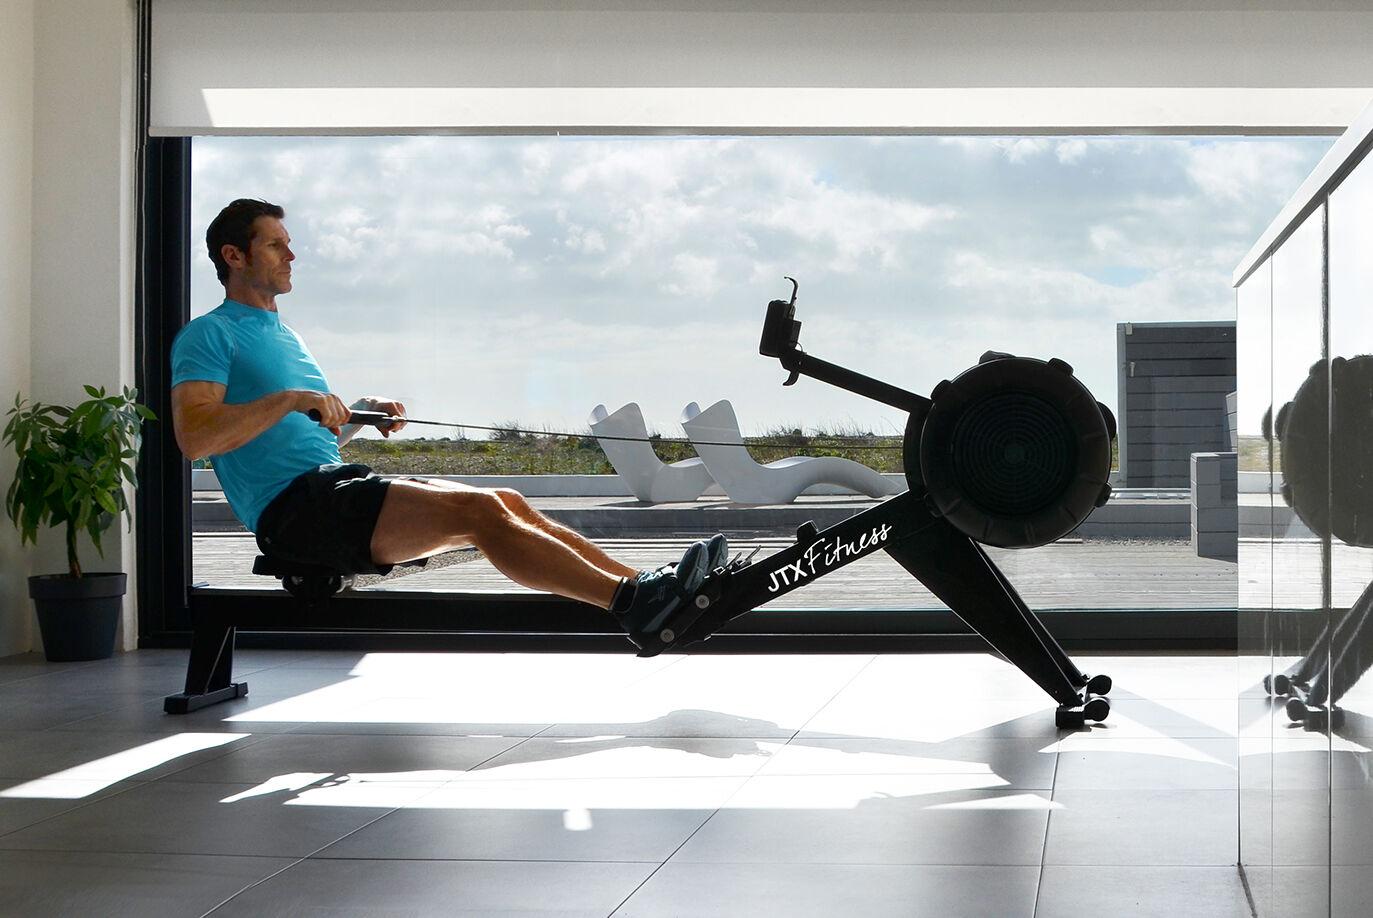 JTX Ignite Air Indoor Rower - 3 Year Warranty